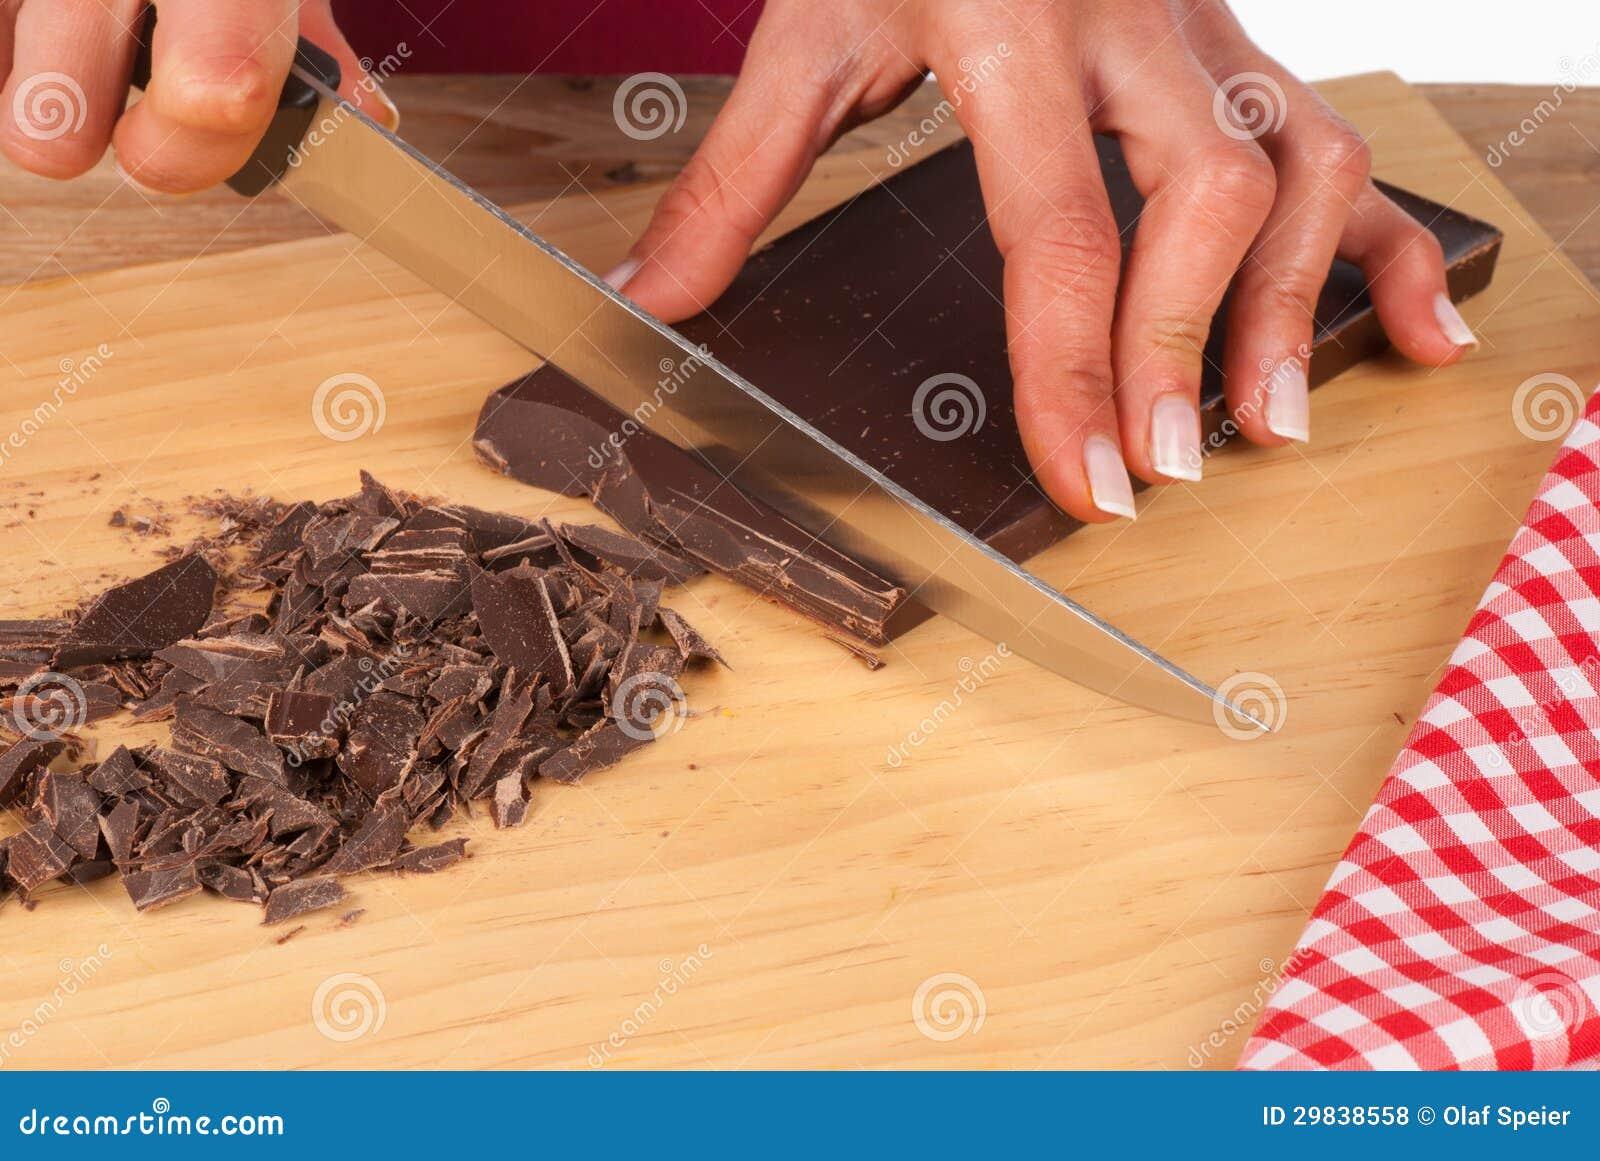 Desbastando o chocolate escuro para o bolo